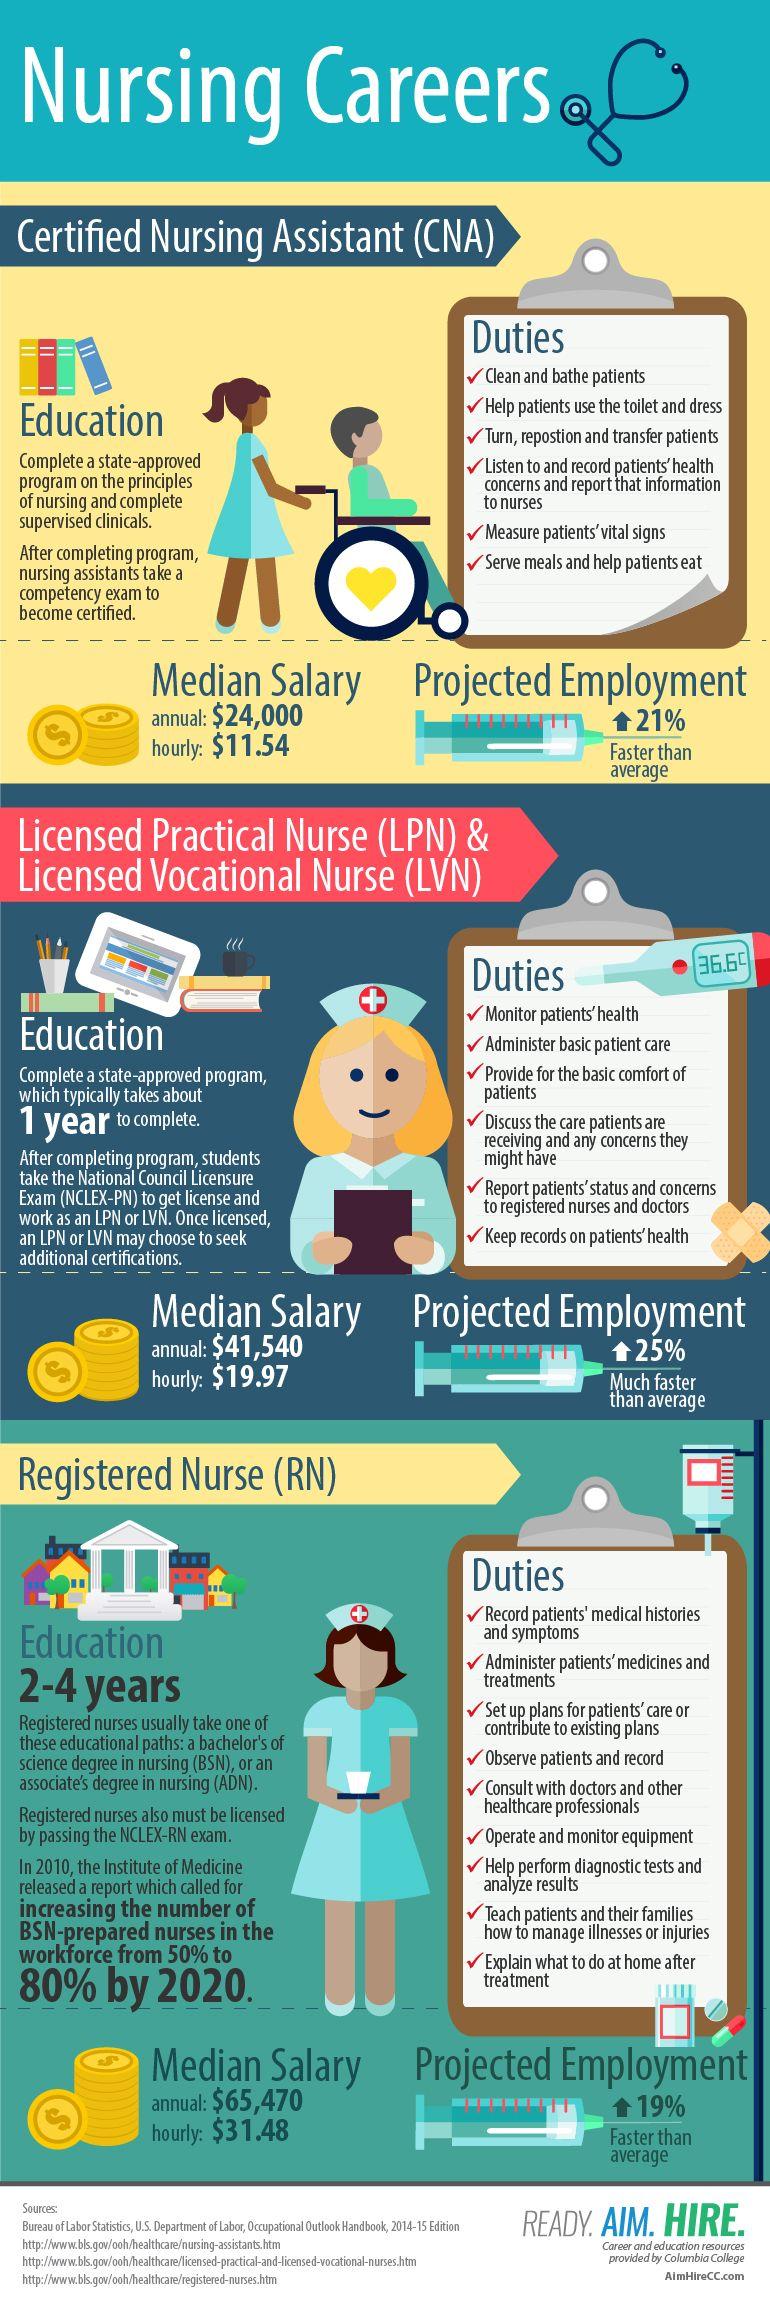 lpn vs rn duties